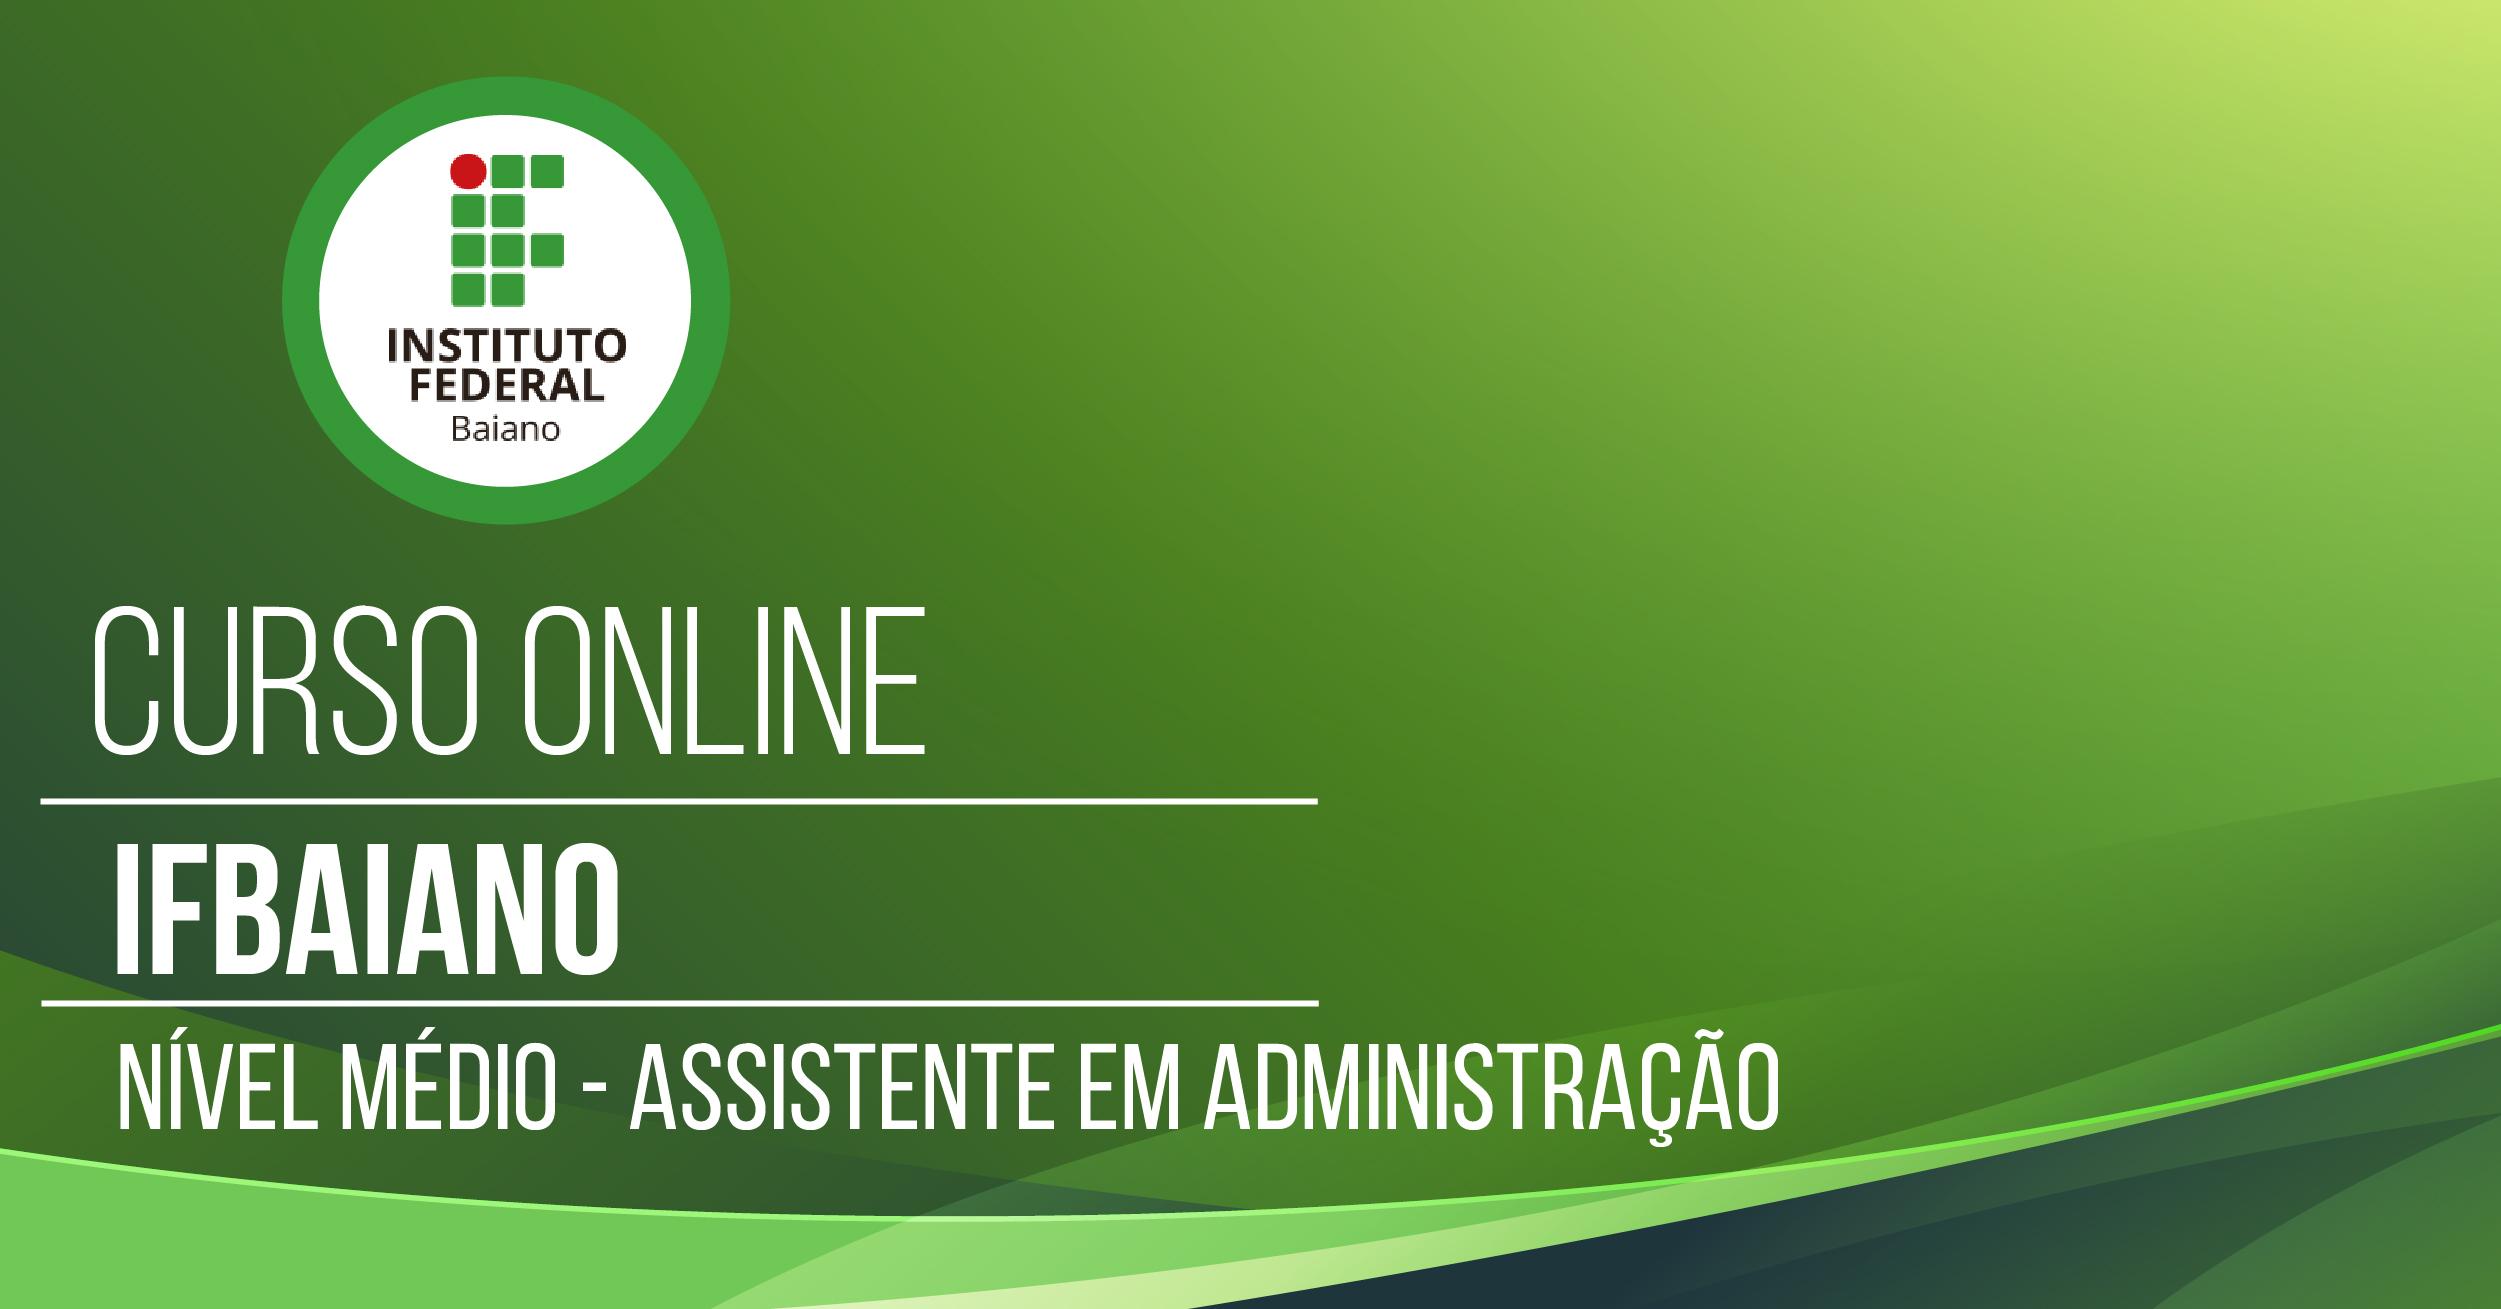 Instituto Federal Baiano - IFBAIANO - Assistente em Administração